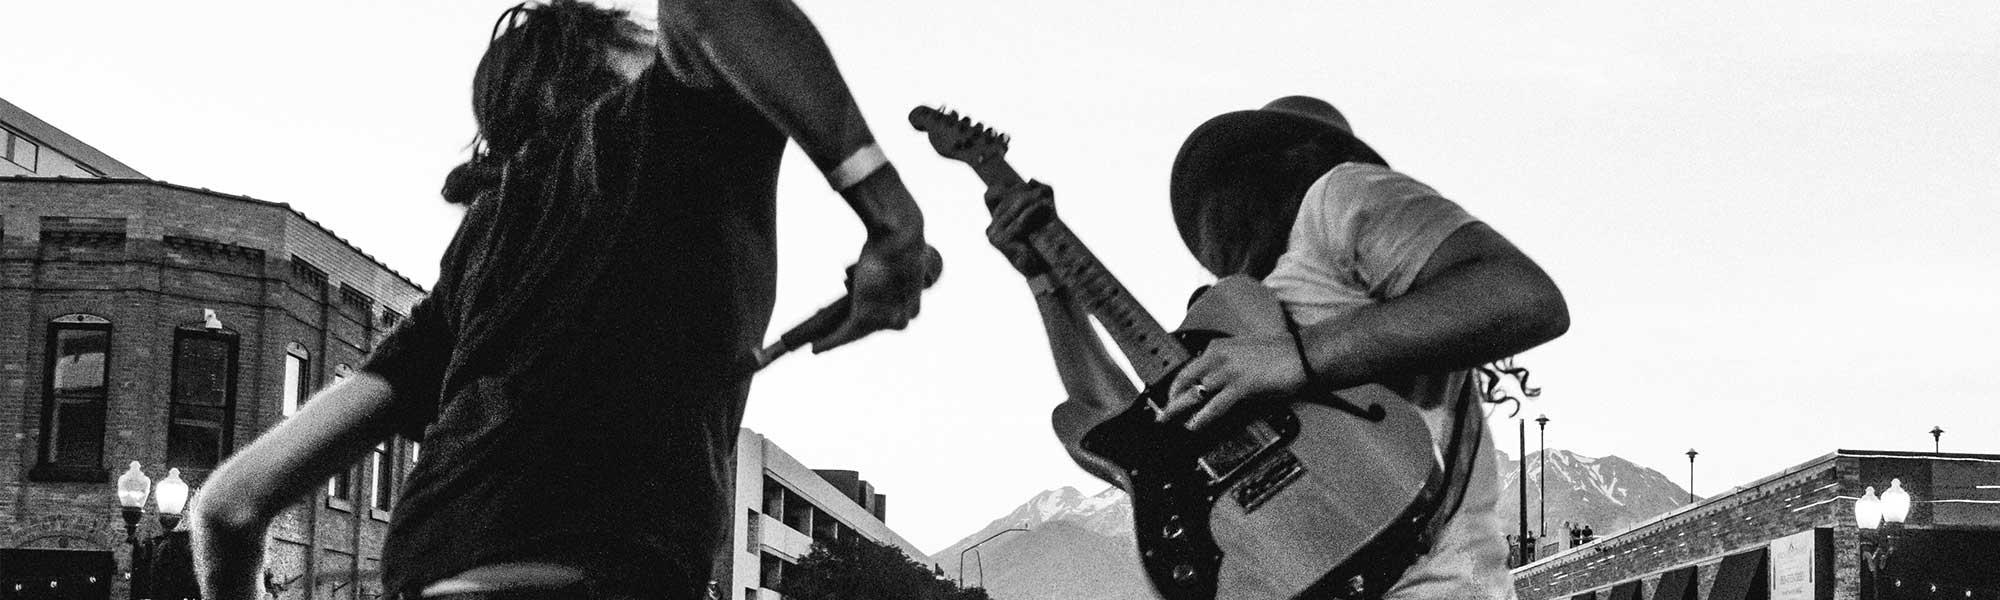 Rockband Baden-Württemberg buchen für Event